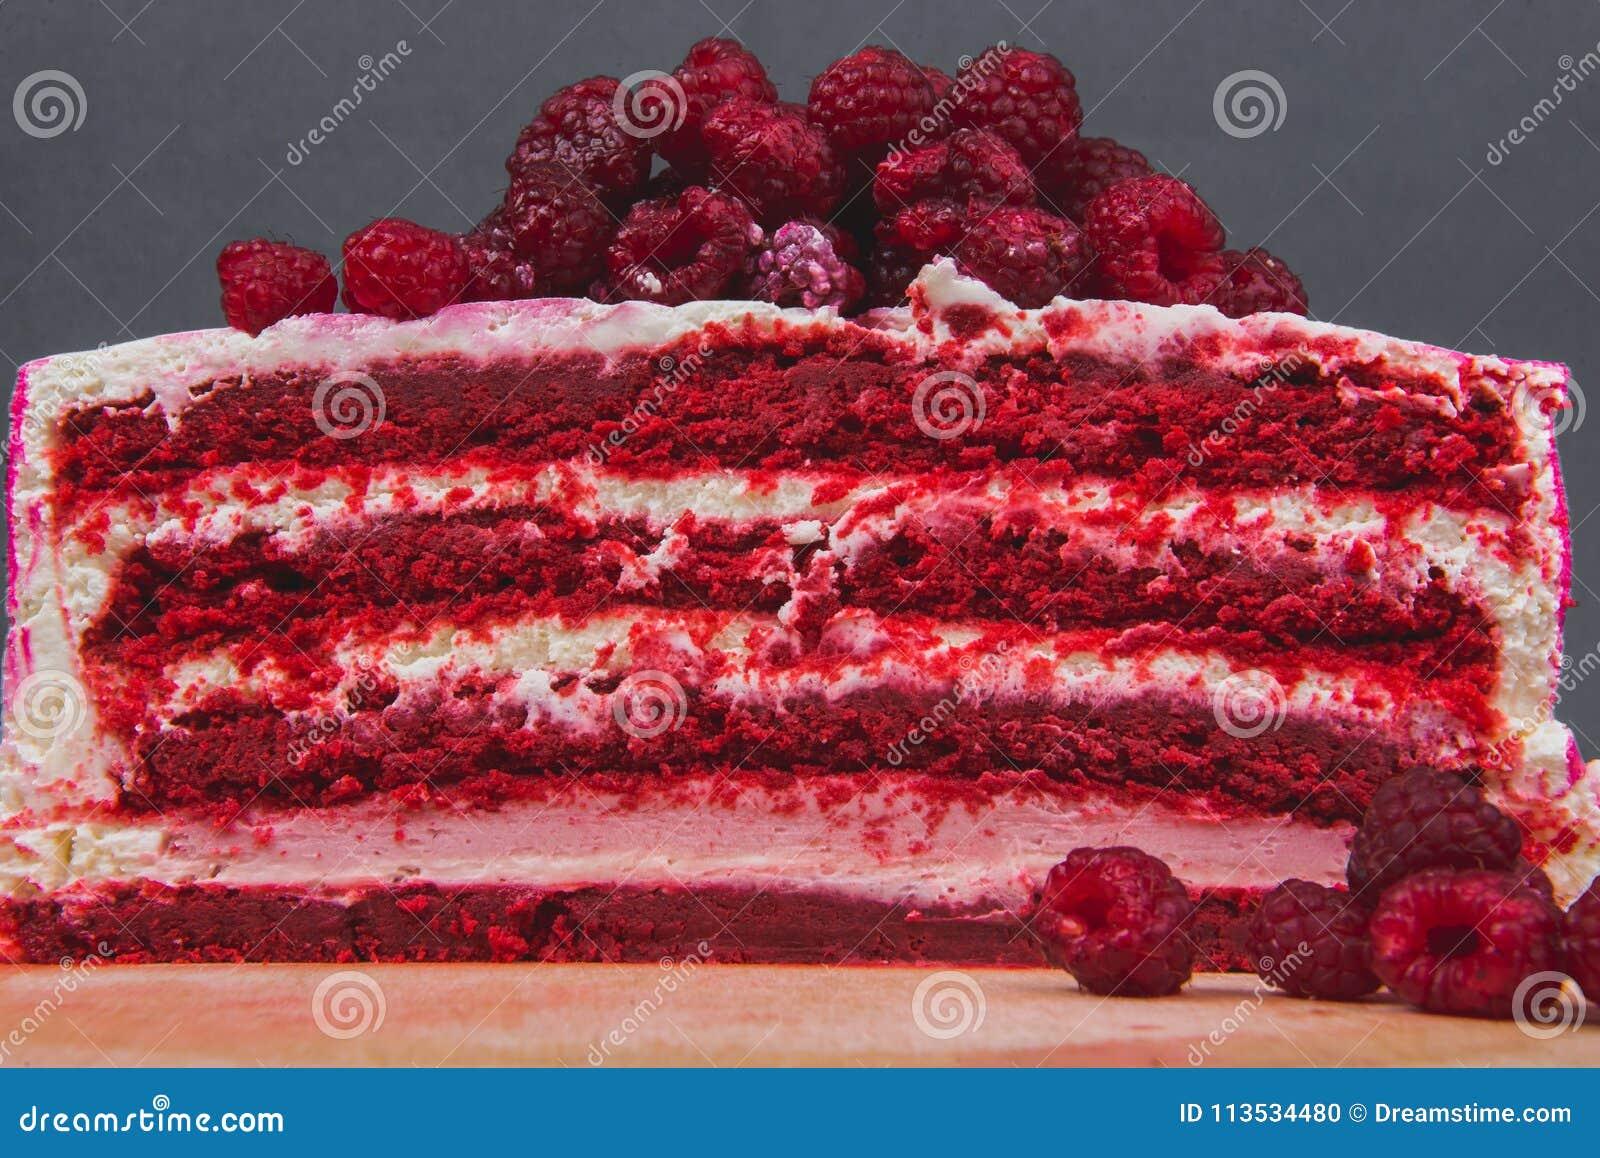 Um bolo delicioso decorado com framboesas em um fundo cinzento